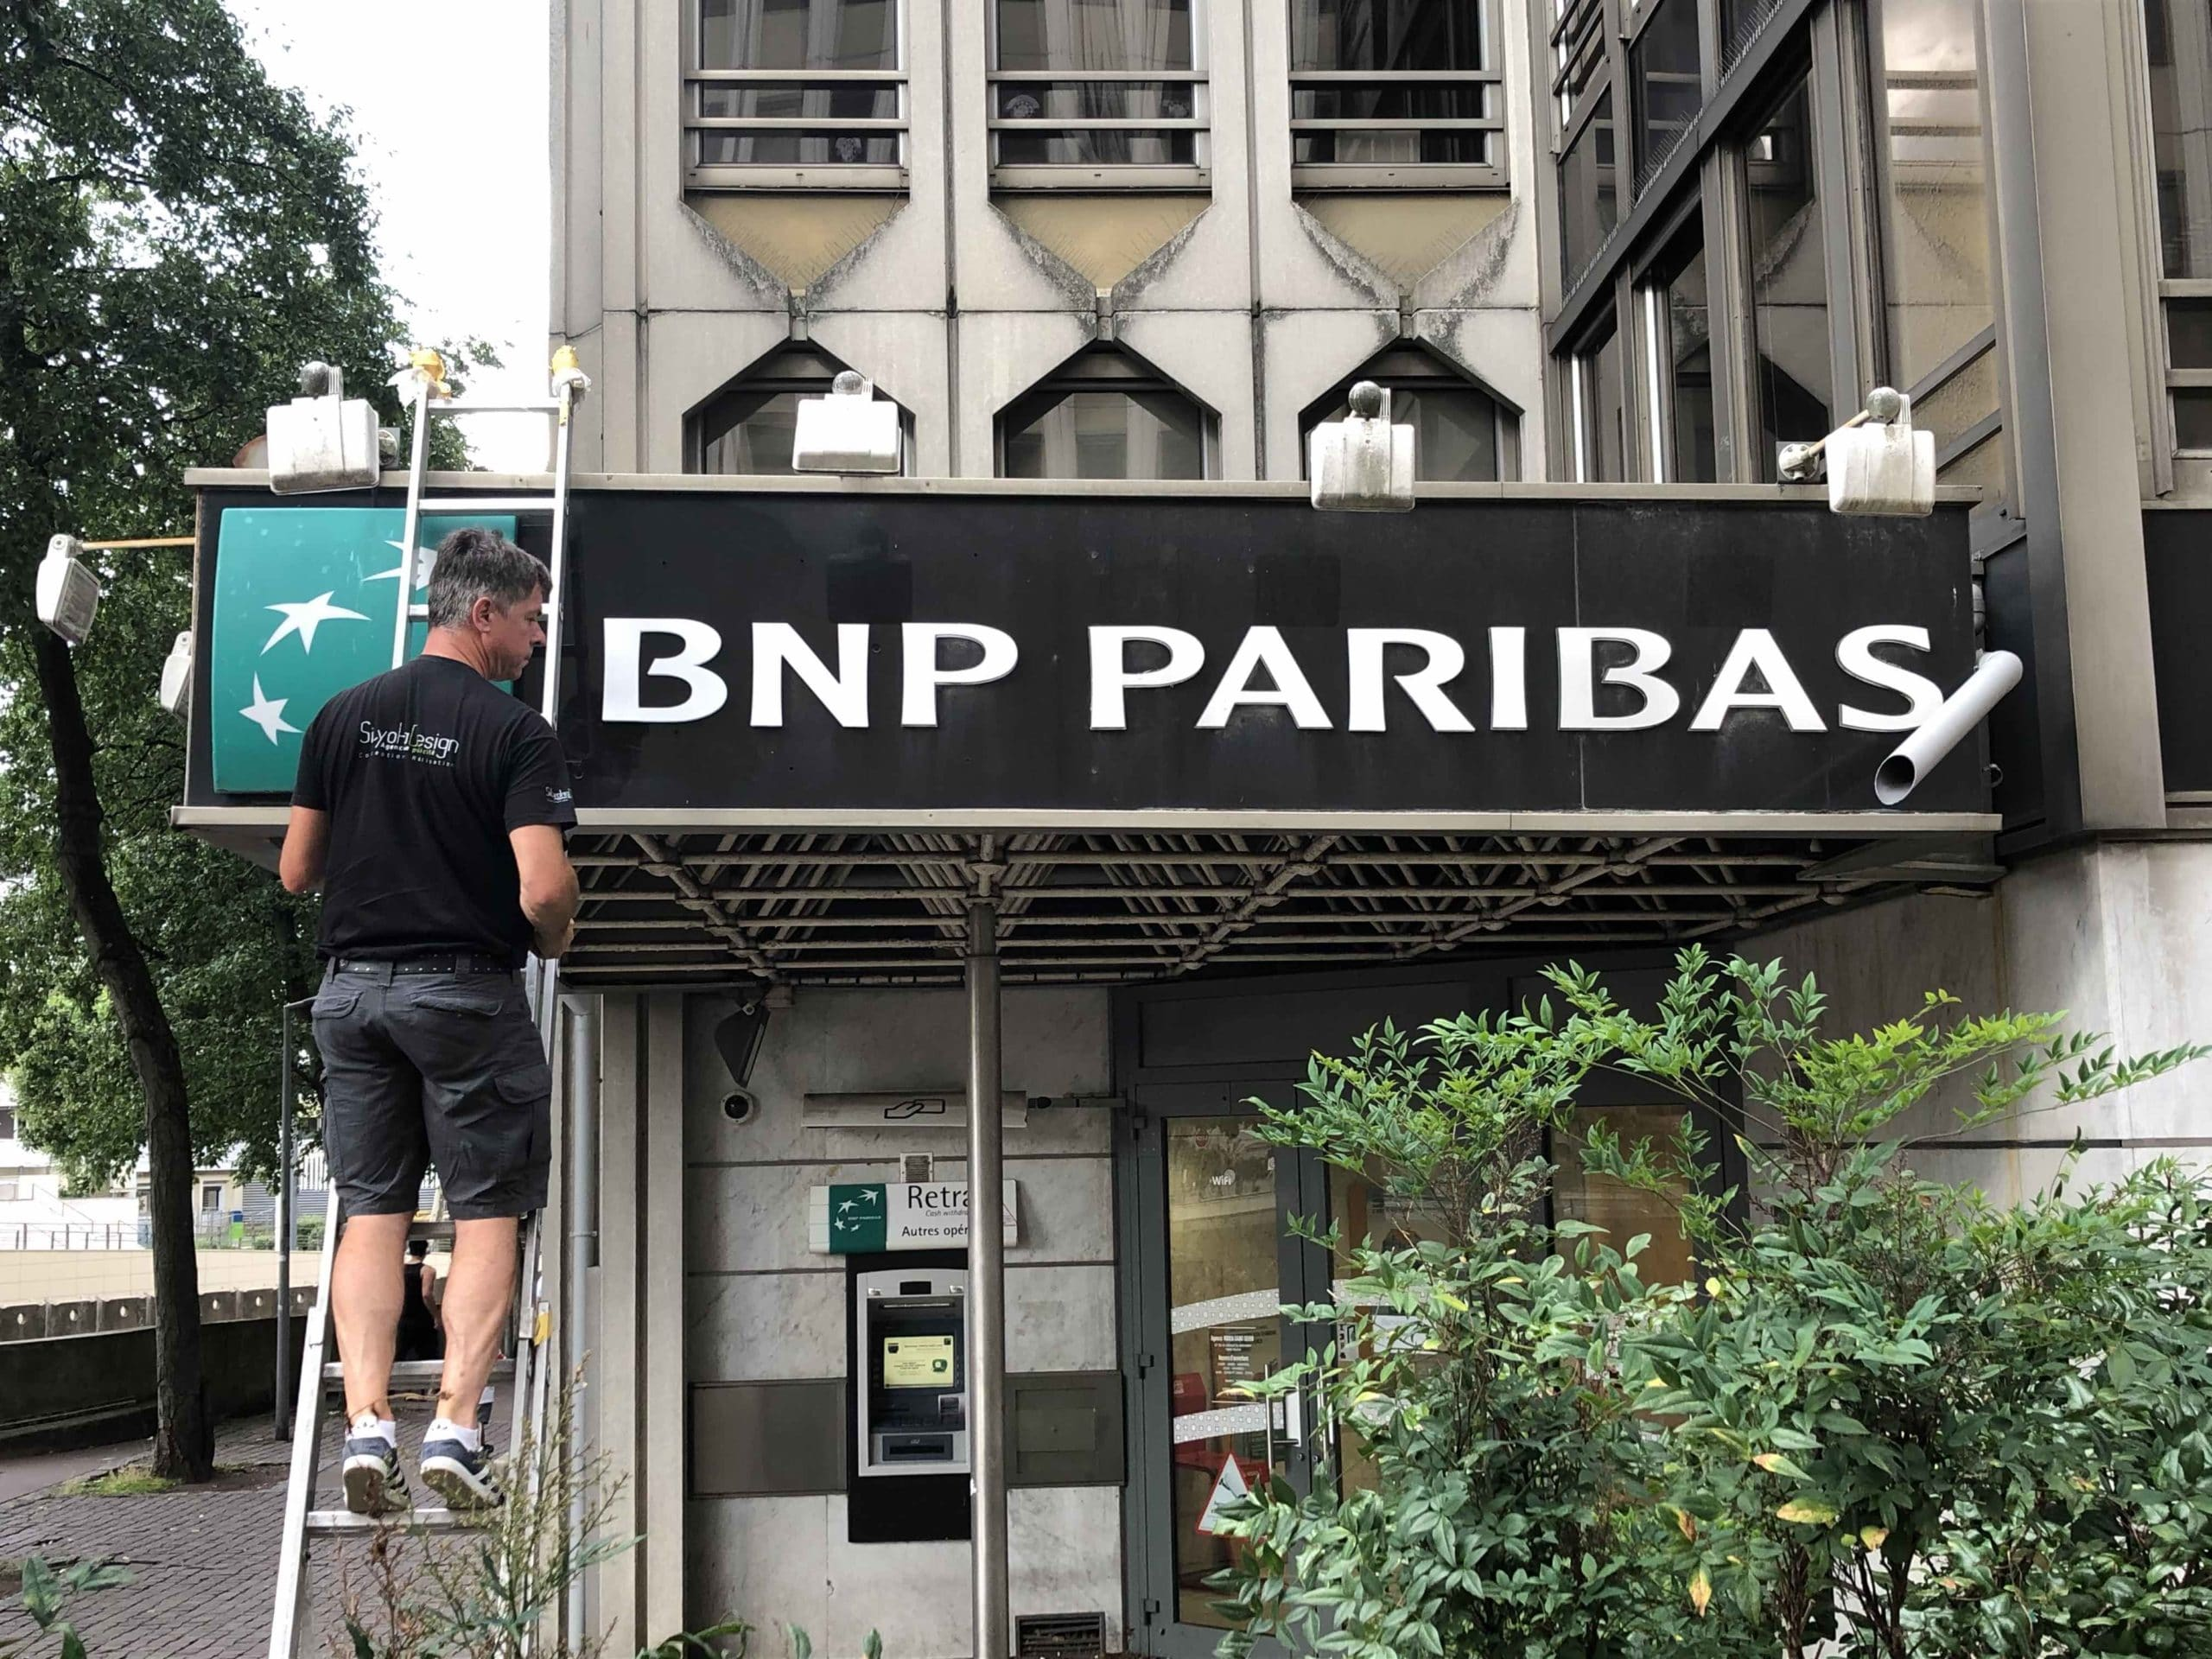 enseigne-agence-bancaire-bnp-paribas-lettrages-agence-bancaire-rénovation-agence-bancaire-paris-sityoka-design